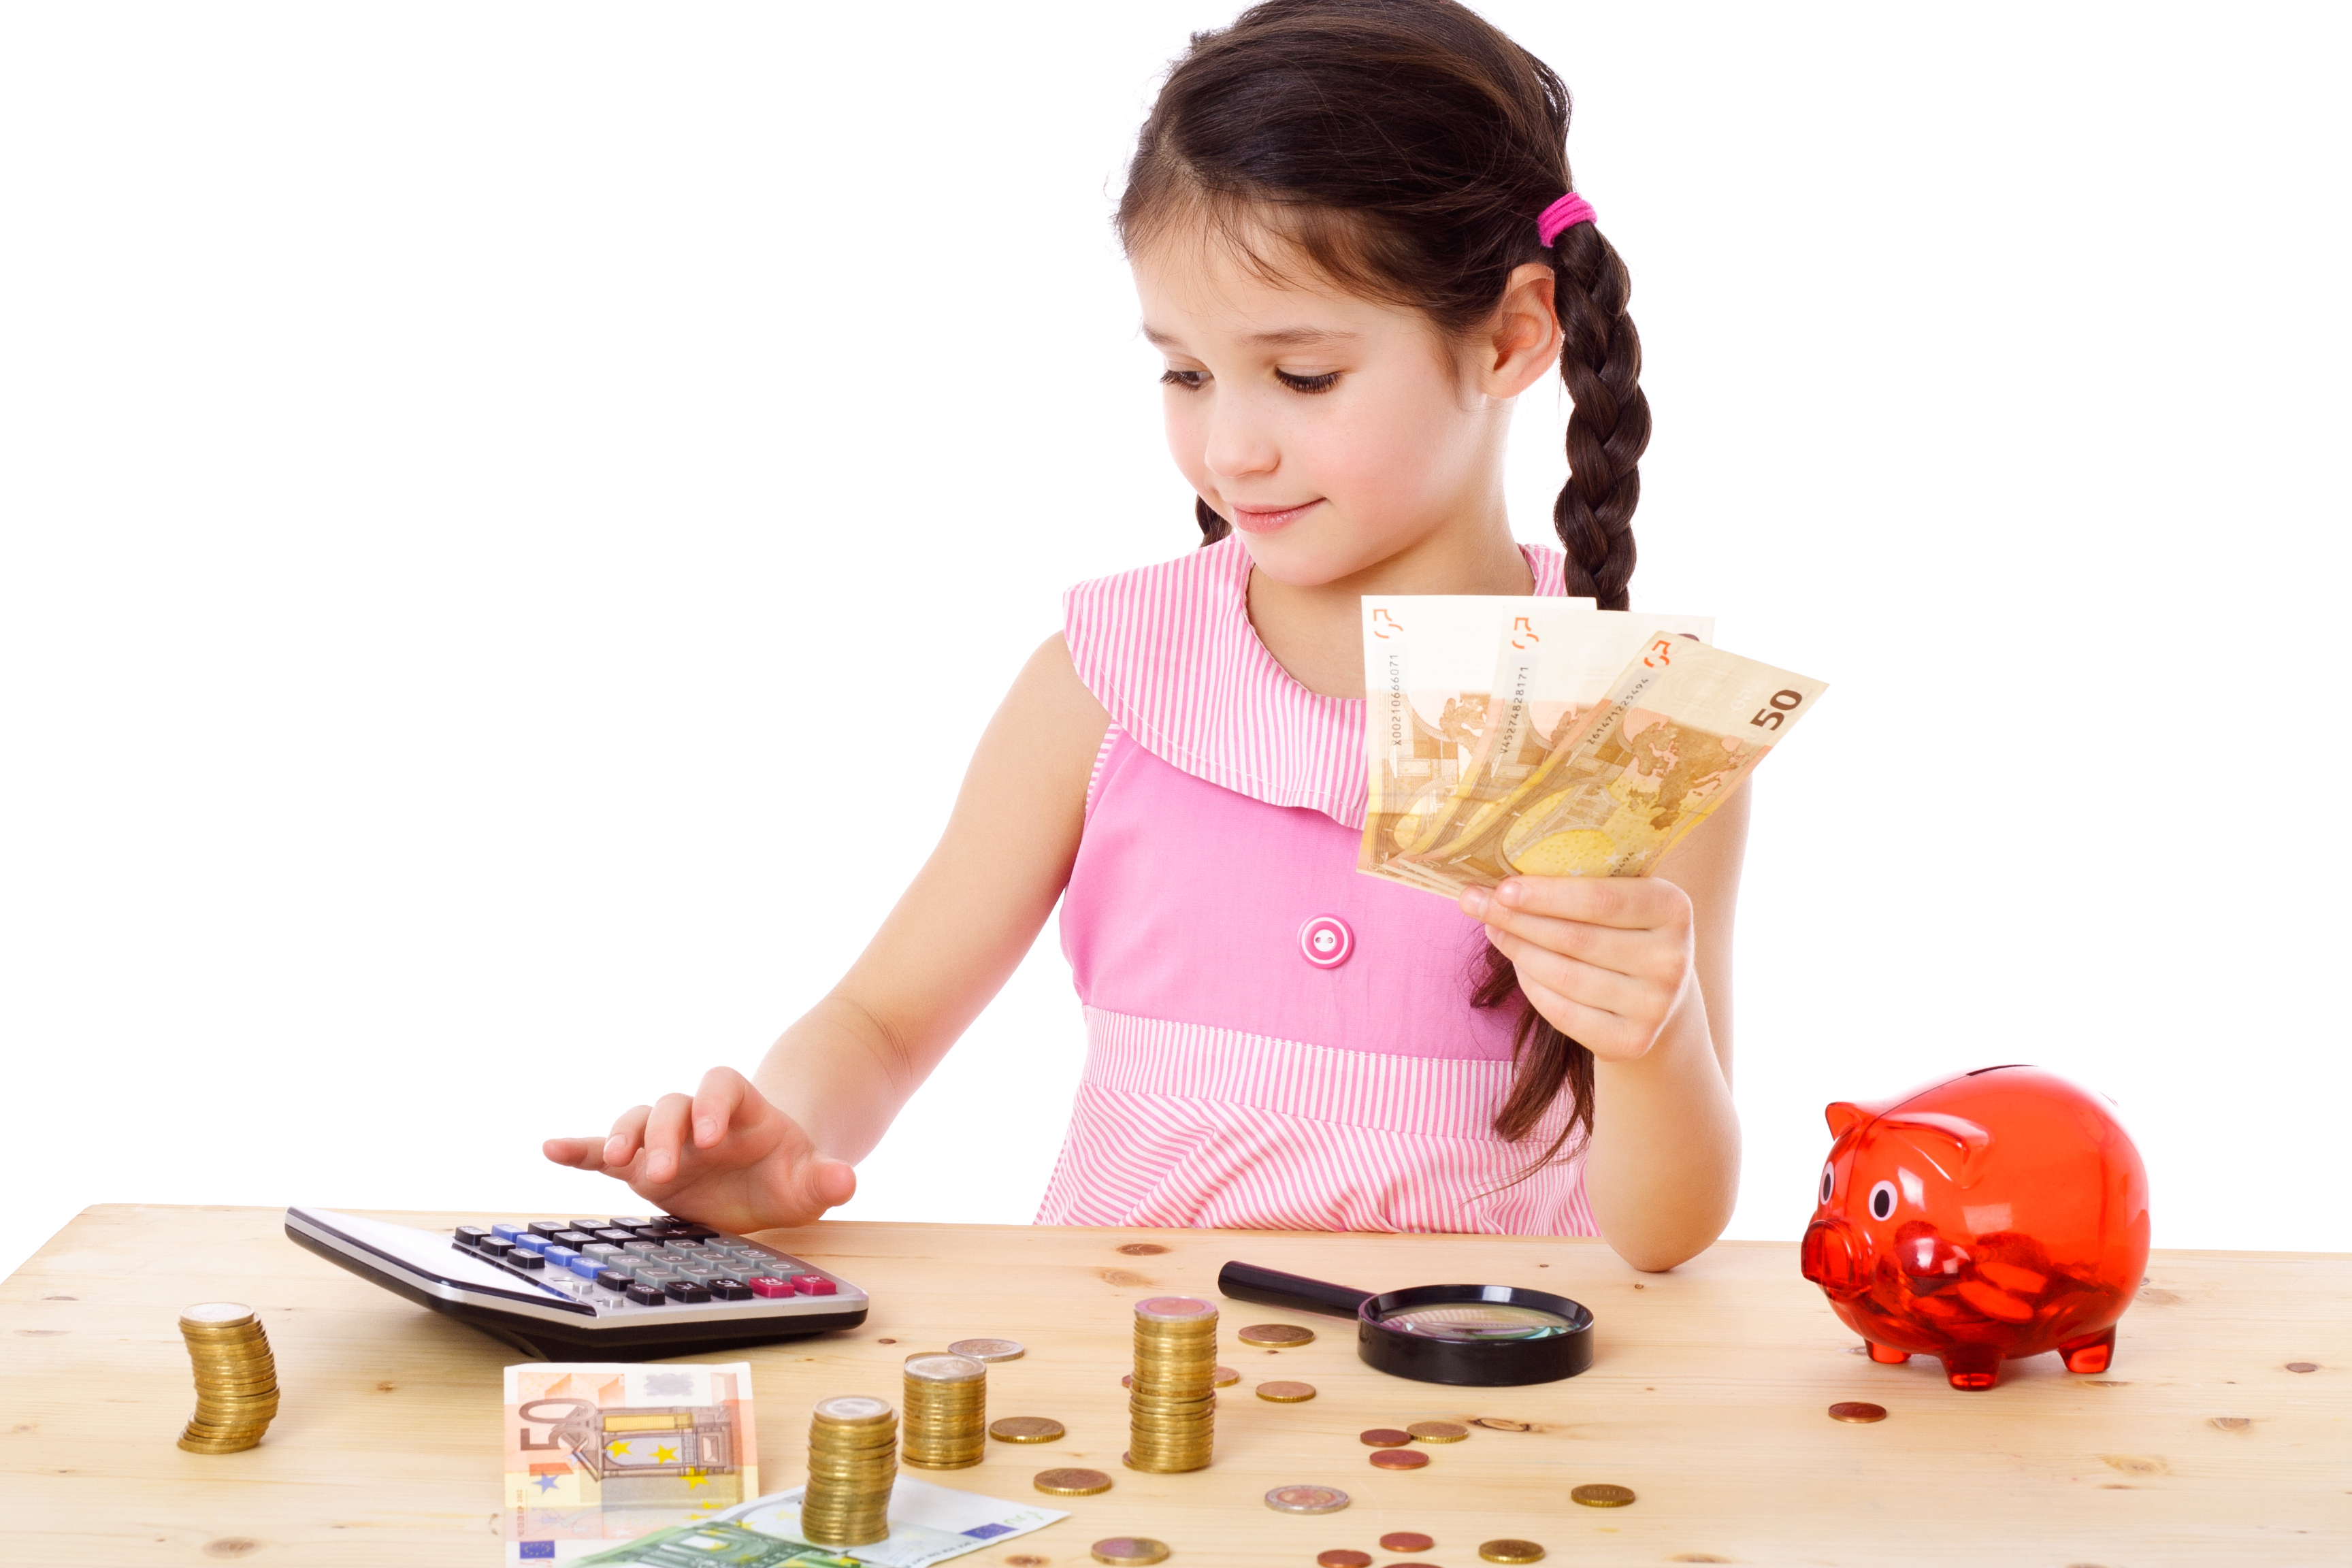 Çocuklarla Para Nasıl Konuşulur?